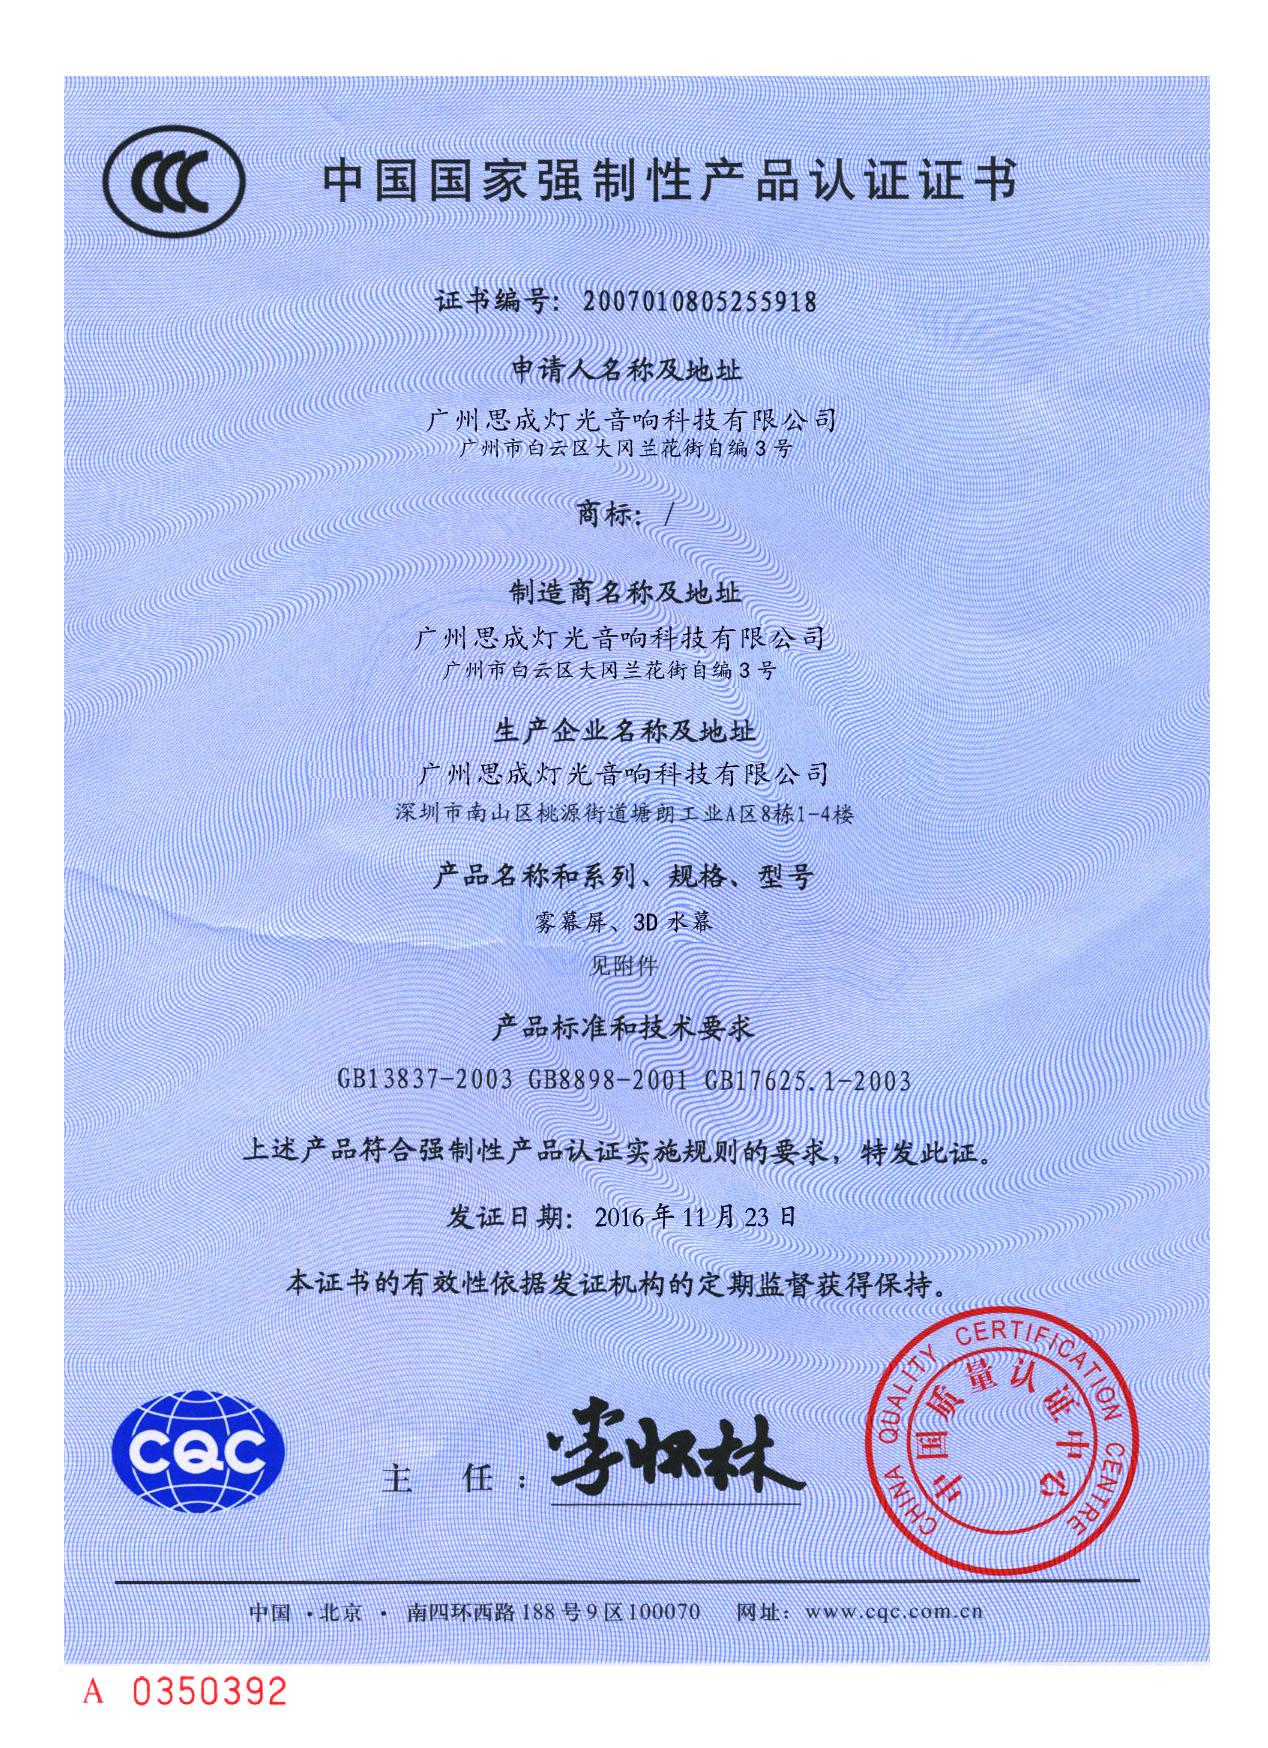 雾幕机3C认证证书效果图